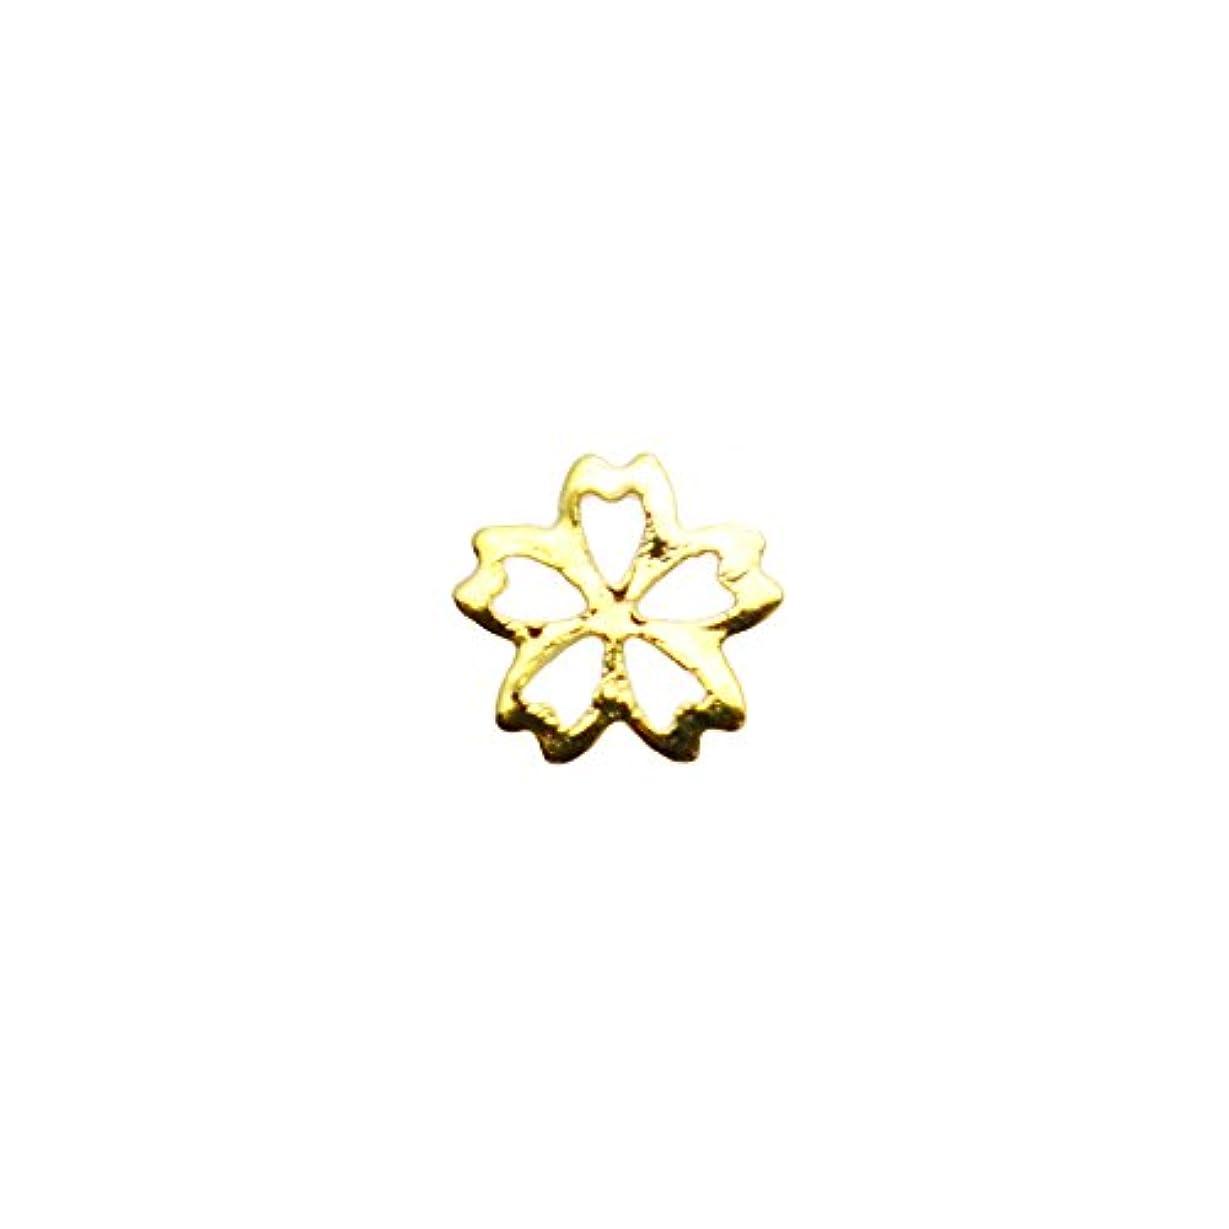 ビスケット王室しっかり桜フレームパーツ 4mm ゴールド 花パーツ フラワーパーツ 桜パーツ ジェルネイル セルフネイル 春ネイル